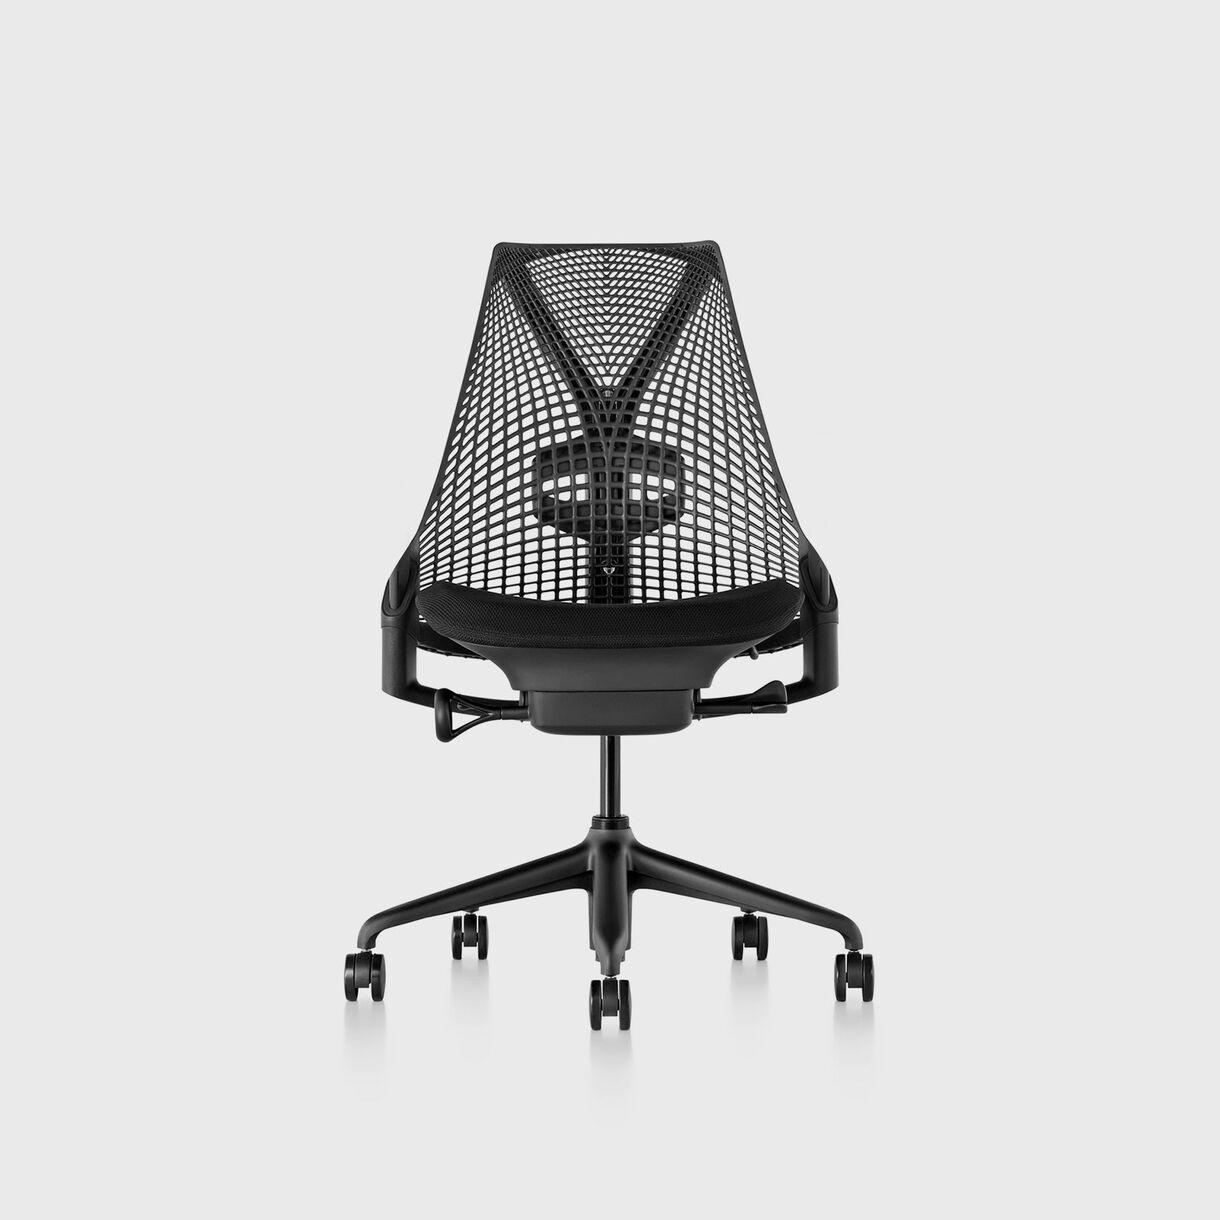 Sayl Chair, Black, No Arms